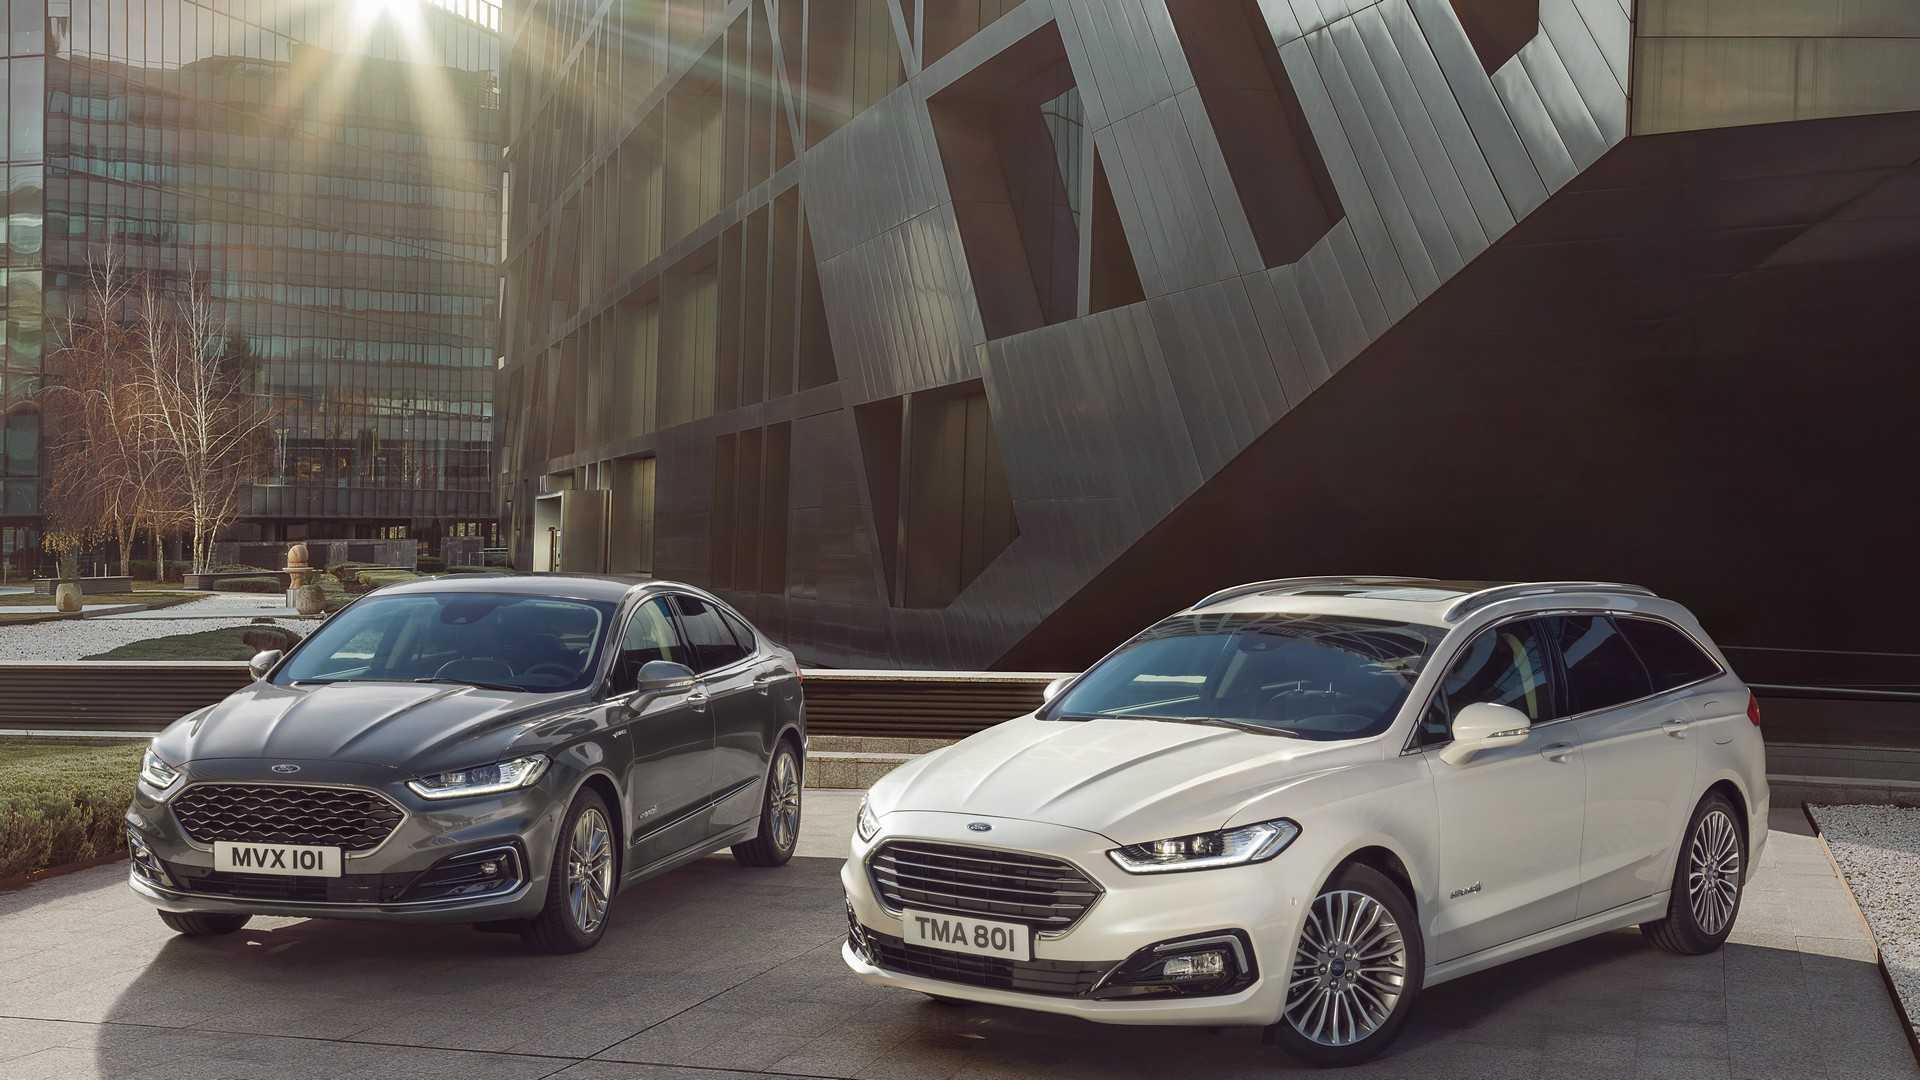 Ford Mondeo обновился и получил гибридную версию в кузове универсал